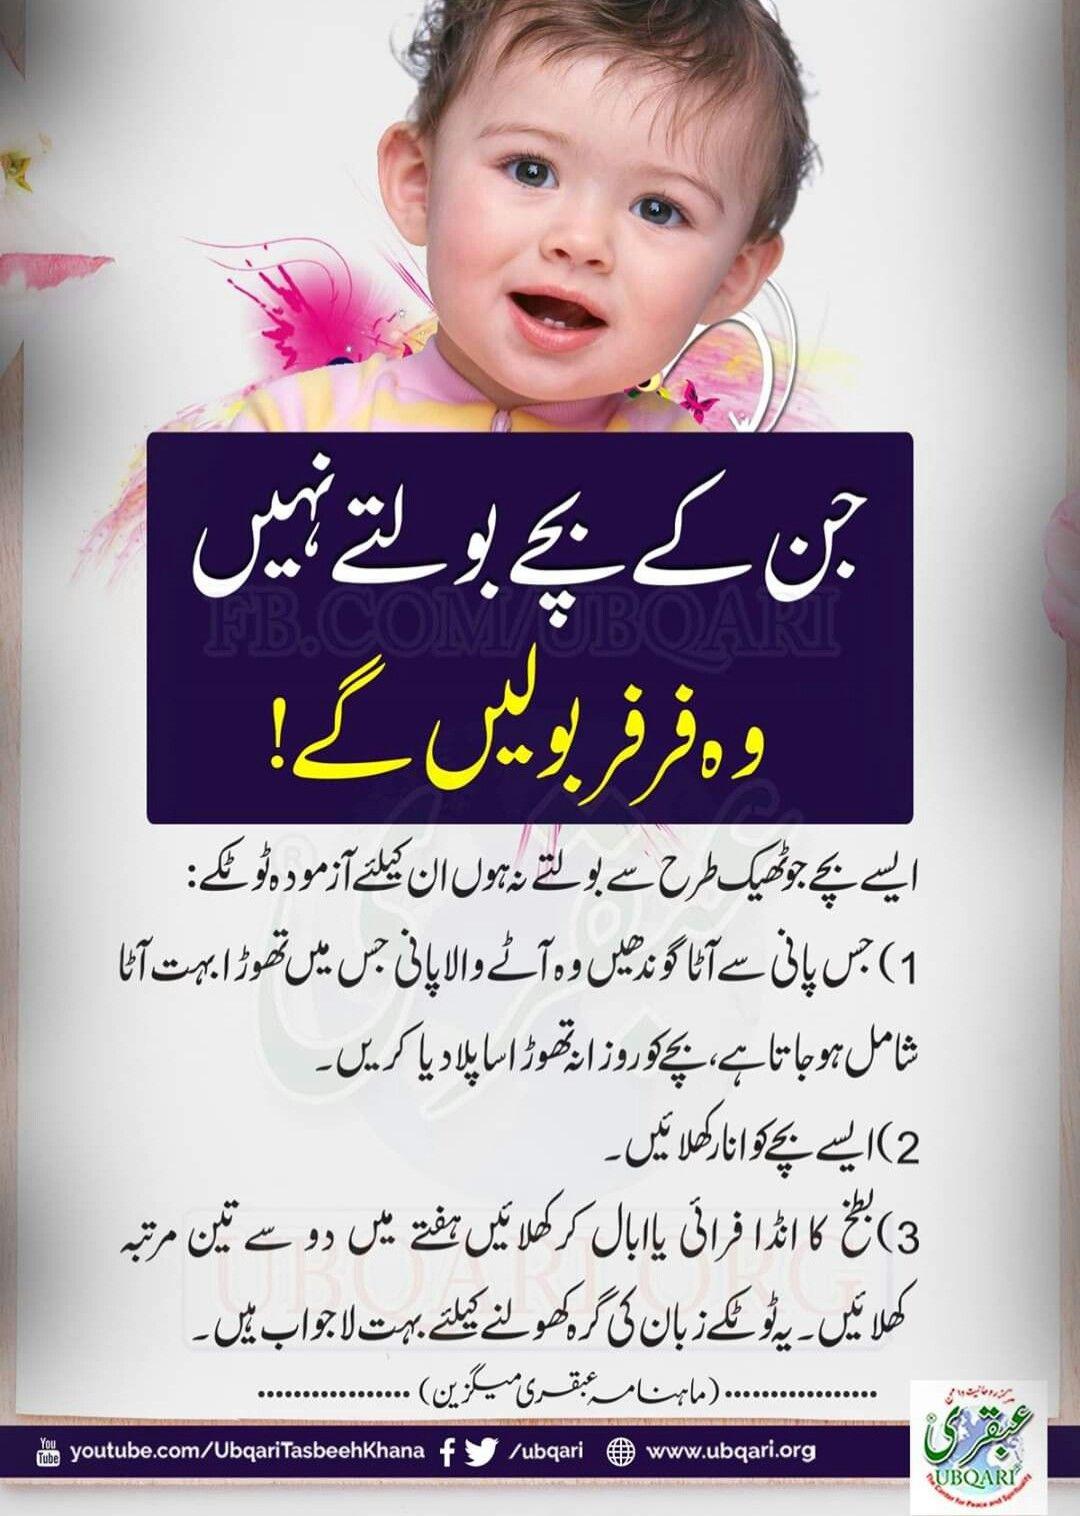 Pin By Shamshad On Ubqari Hair Tips In Urdu Beauty Tips In Urdu Health Knowledge